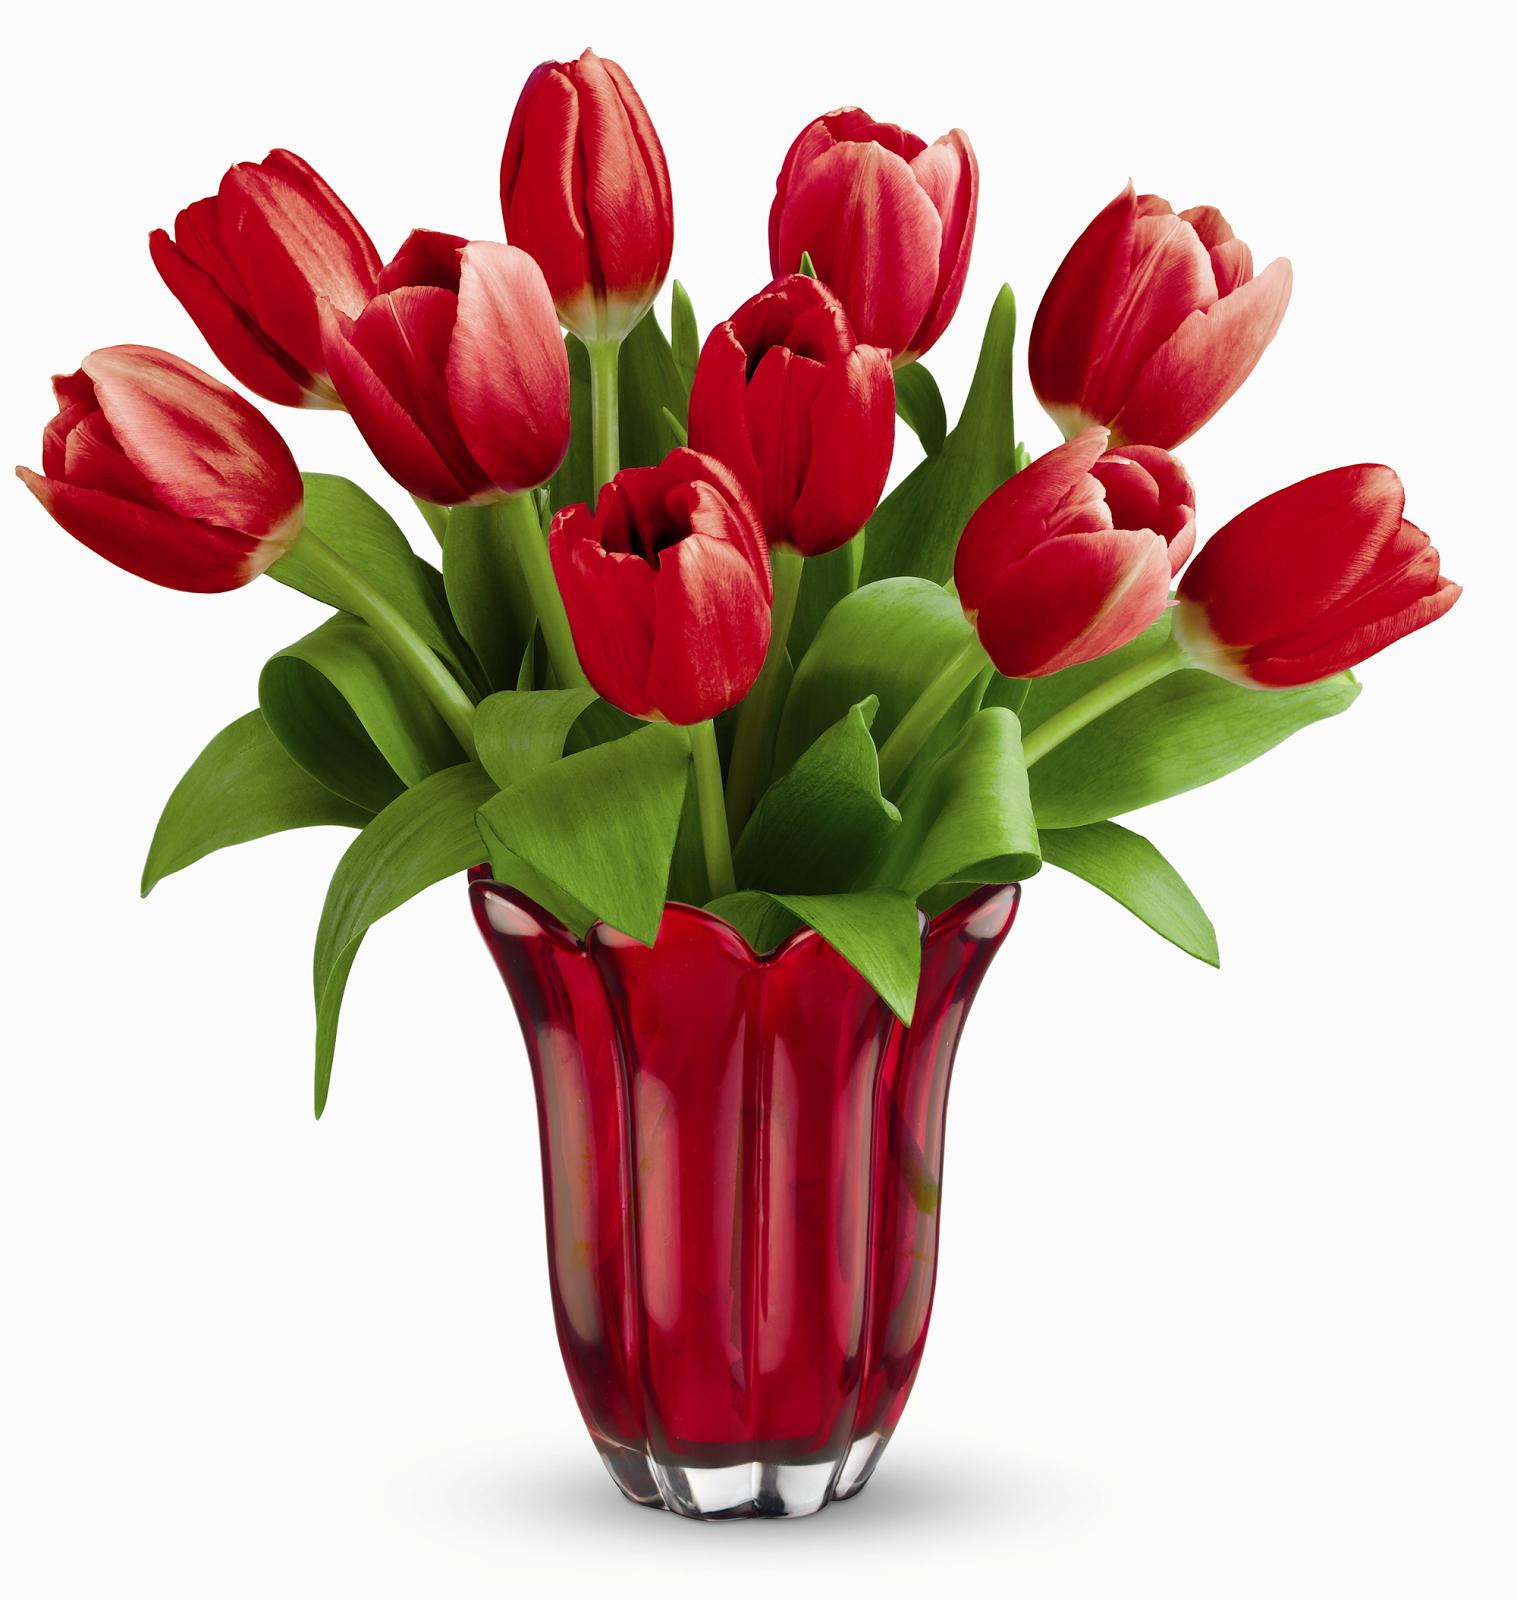 Red Tulip Flower Bouquet Cool Wallpaper Hd  ARREGLOS FLORALES.  Pinterest  Arreglos florales